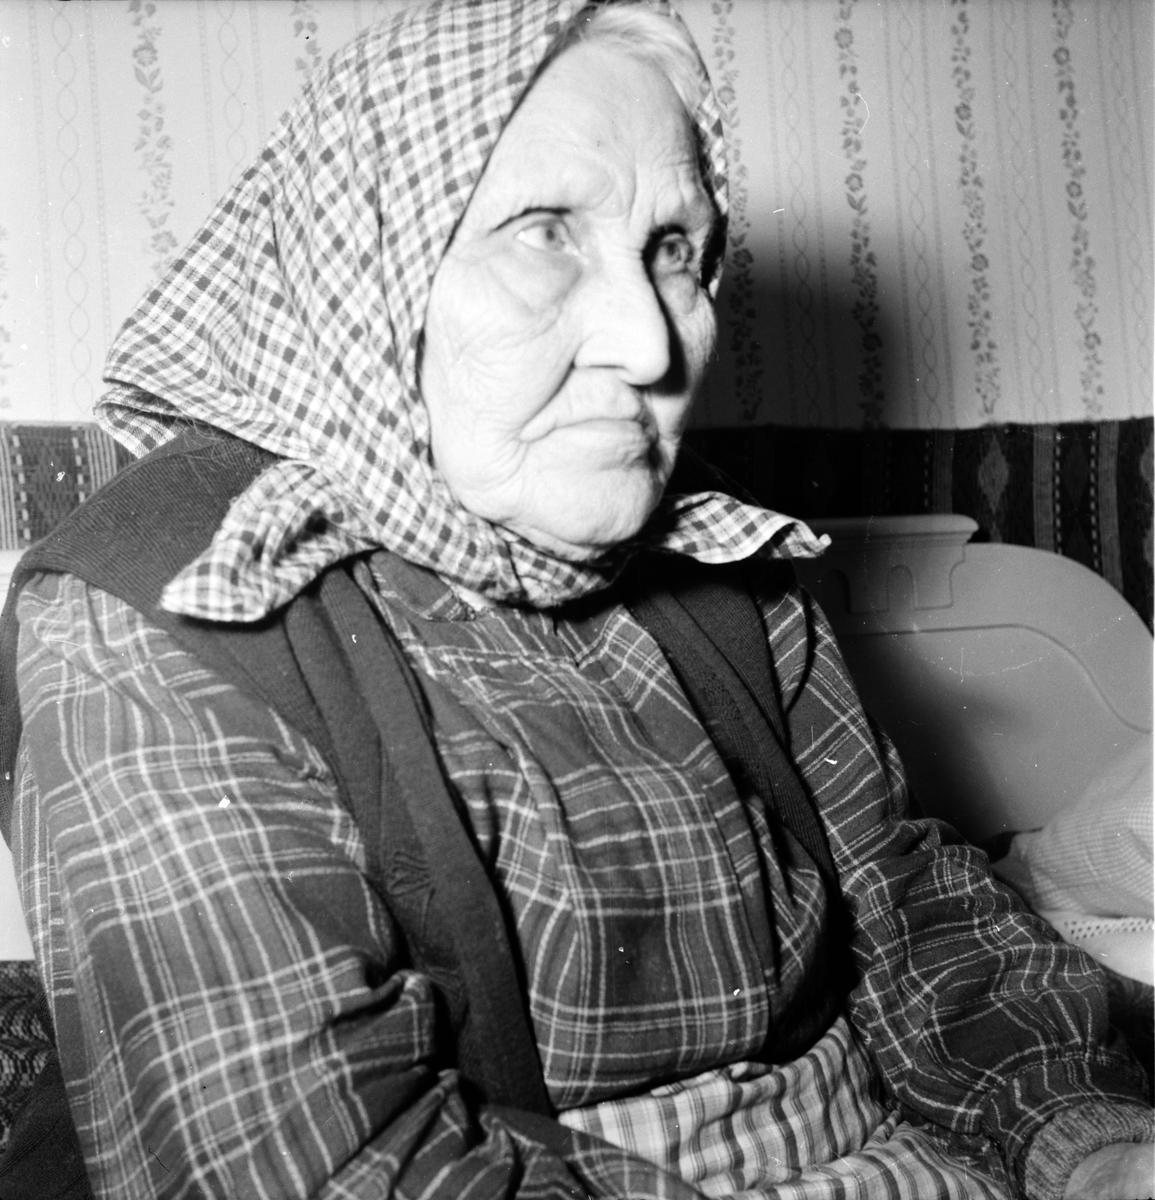 Söräng, Studion, Maria Öberg m. döttrar, Emy Brolin m. syster